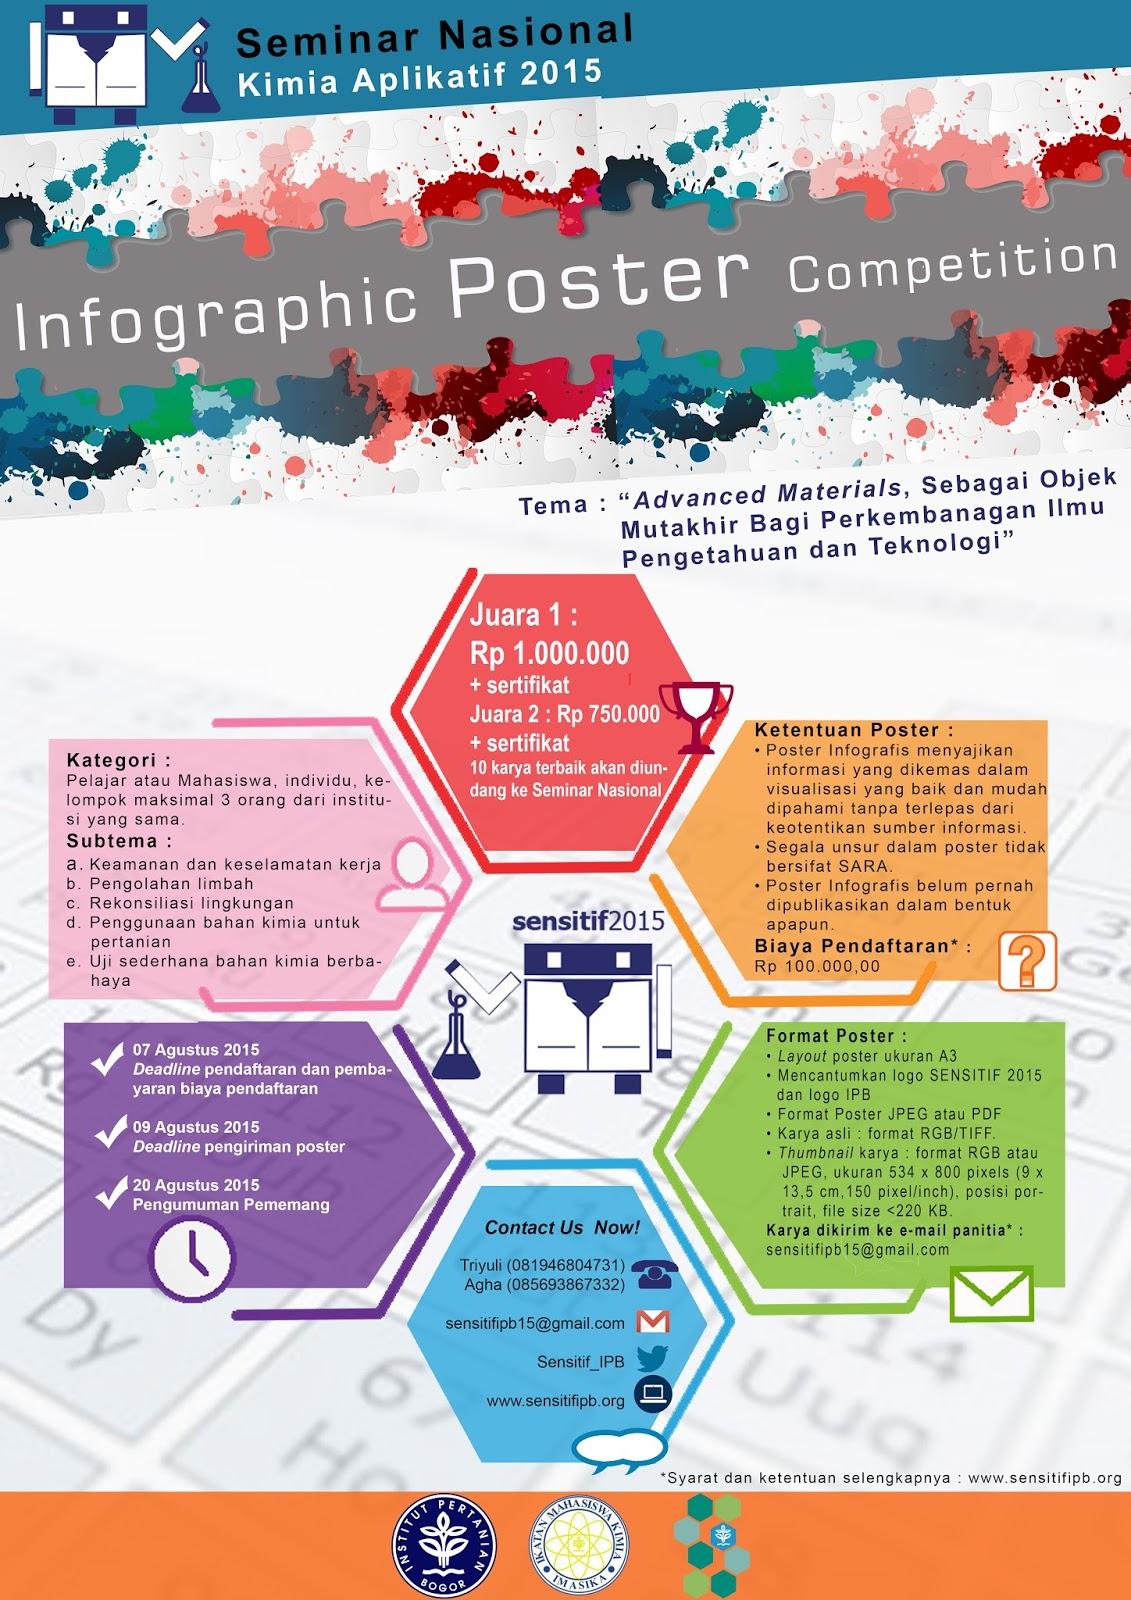 Lomba Poster Sensitif 2015